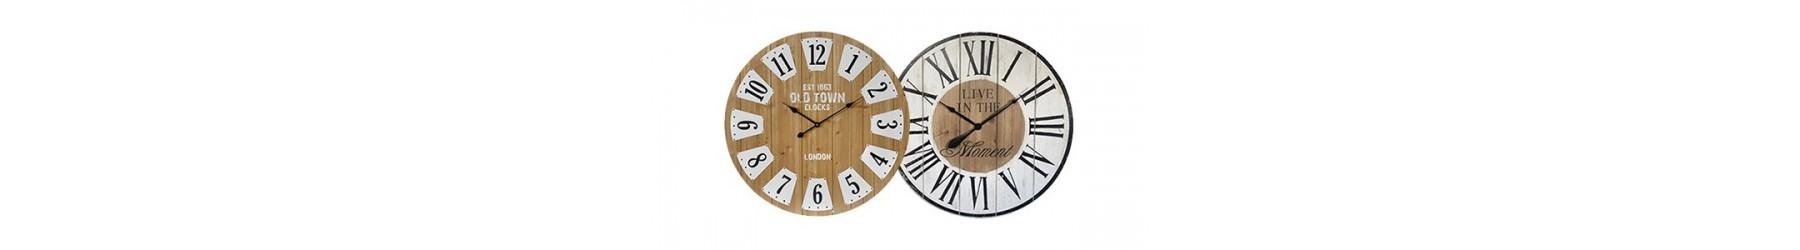 Ρολόγια τοίχου σε ιδιαίτερα και μοντέρνα σχέδια